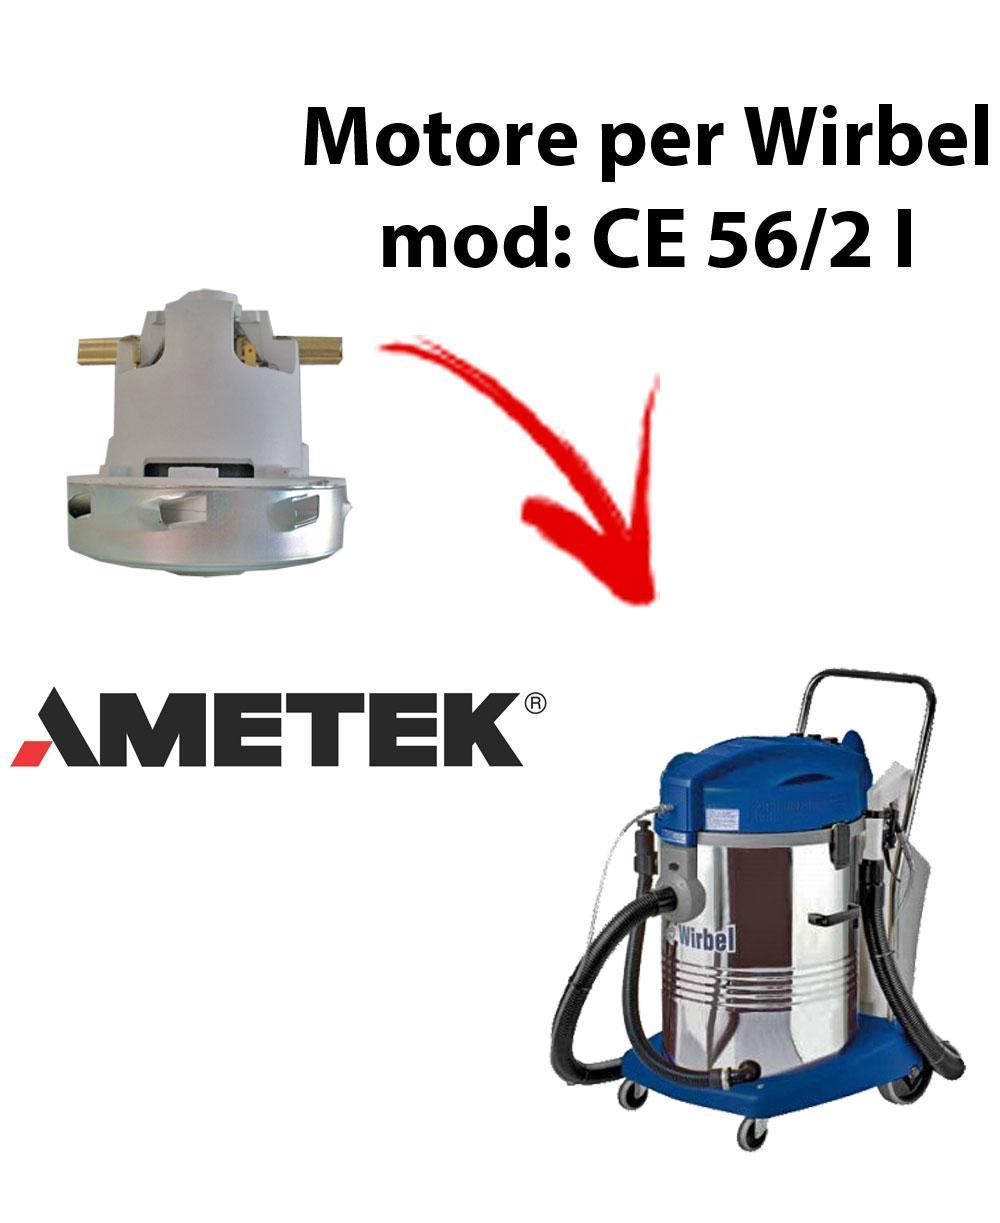 CE 56/2 I Saugmotor AMETEK für Staubsauger WIRBEL